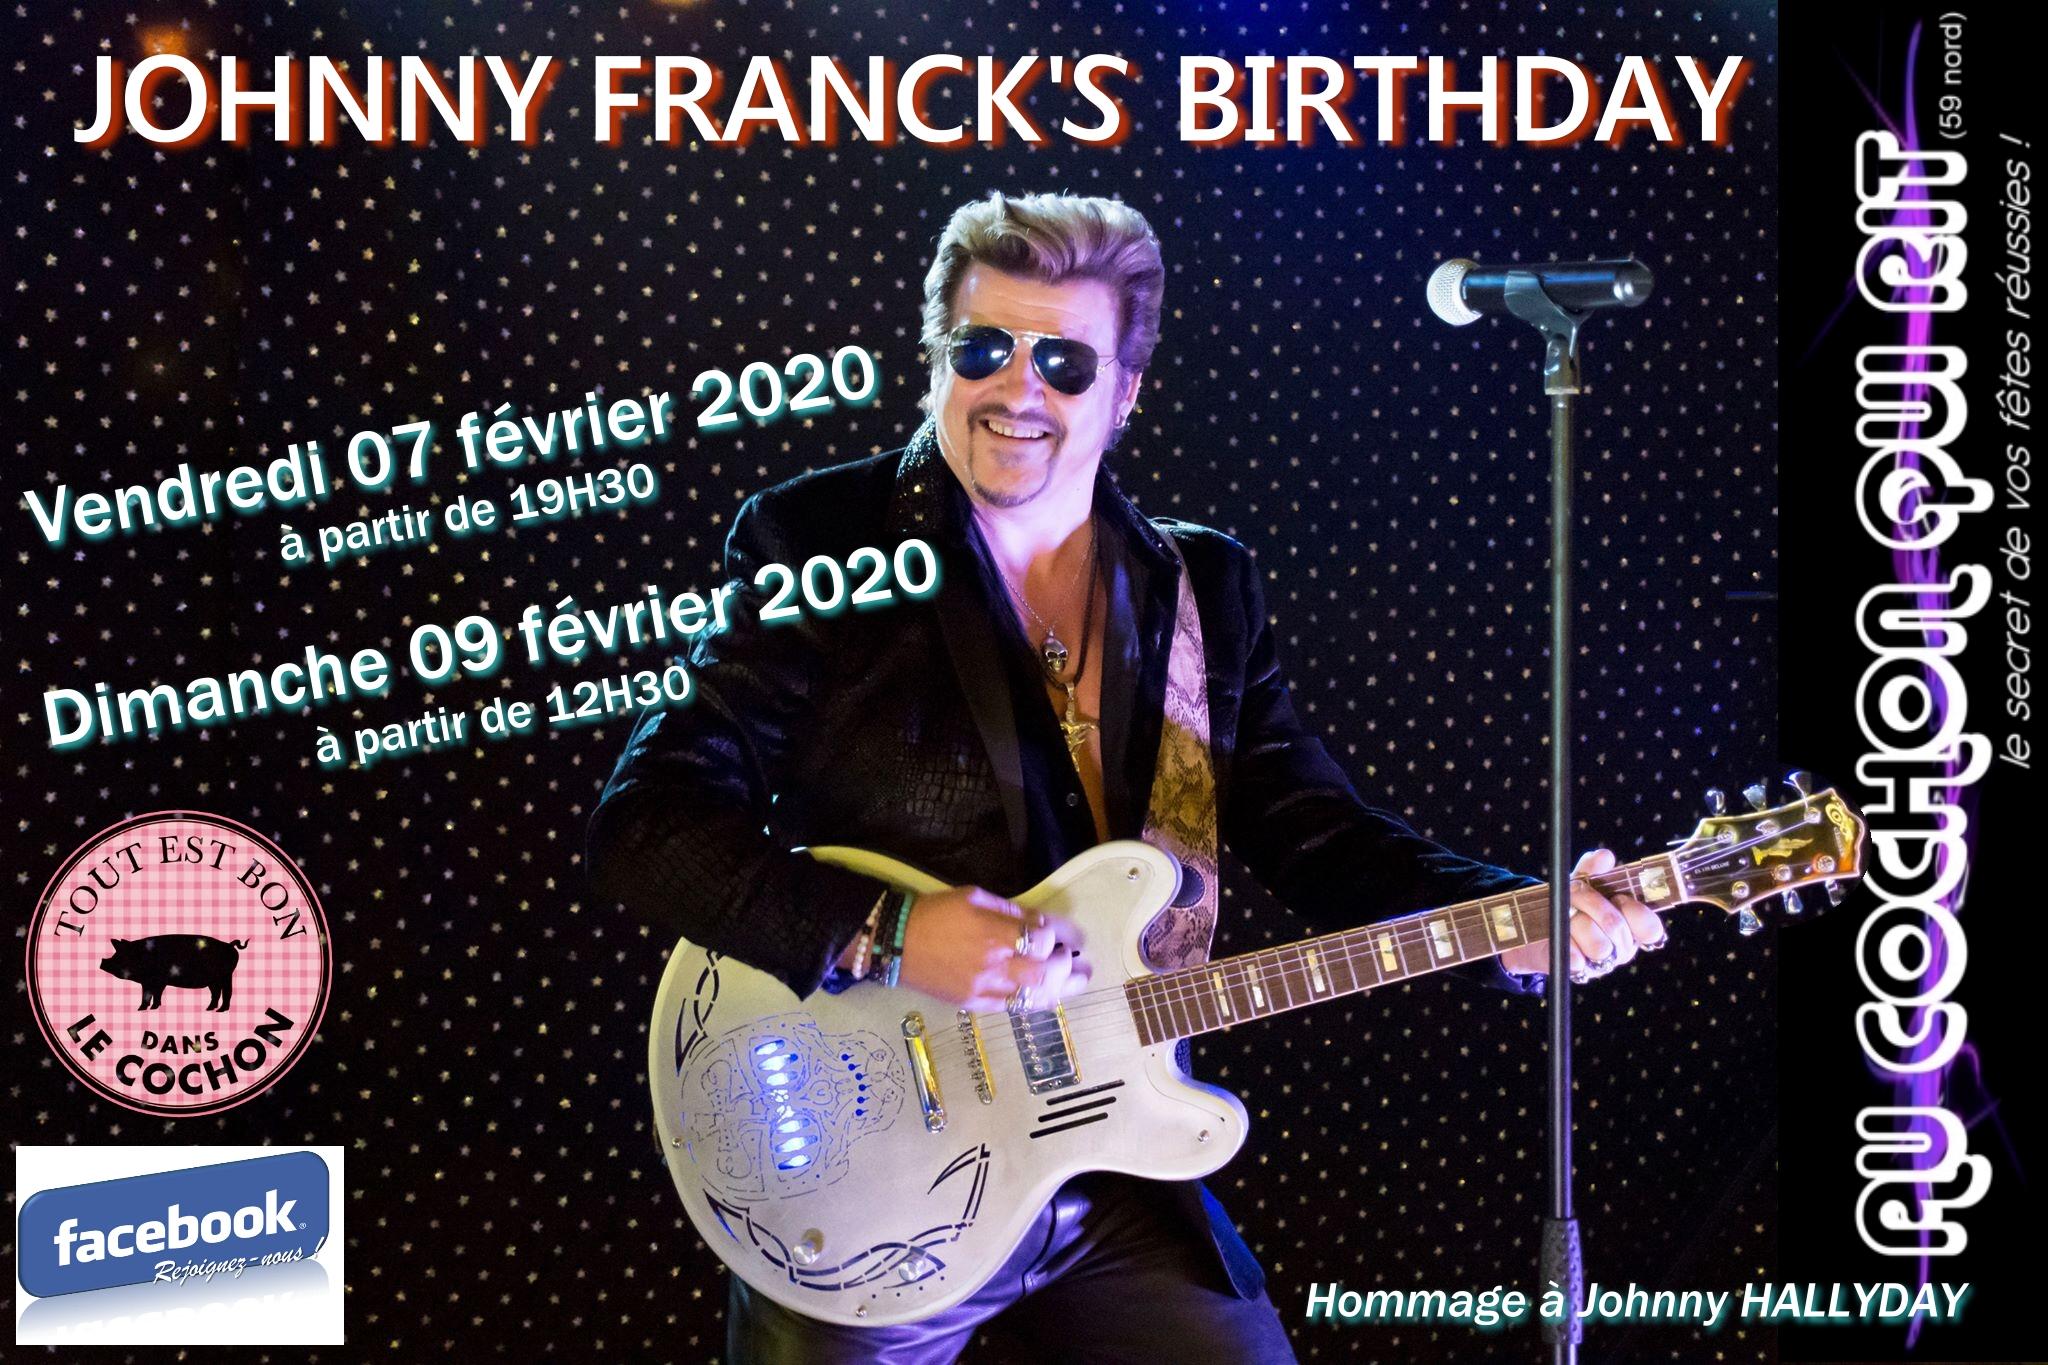 JOHNNY FRANCK sosie JOHNNY HALLYDAY / Dimanche 09 février 2020 (cliquez ici pour plus d'info)